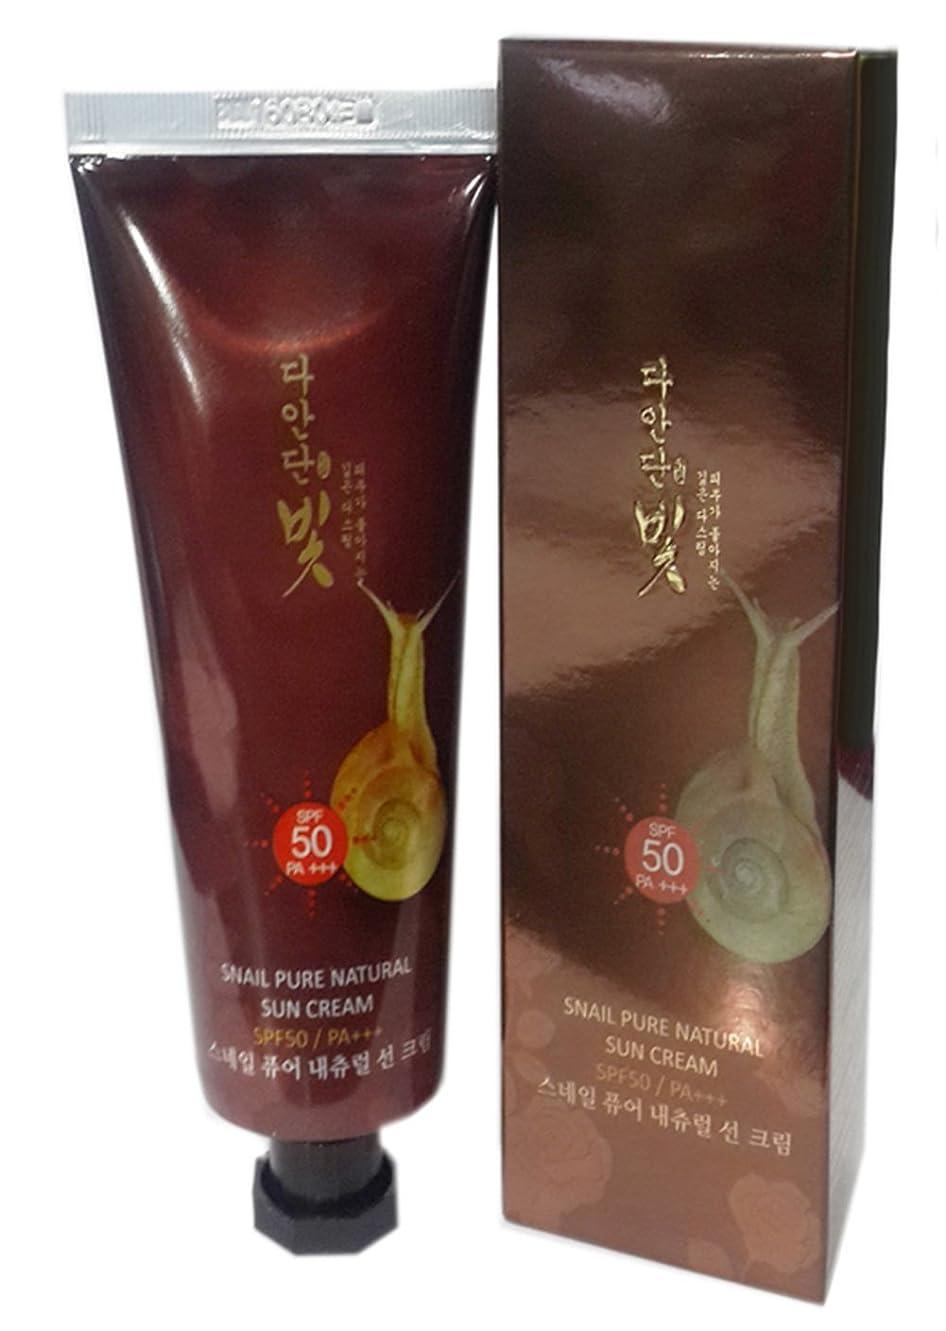 絶対に情緒的不均一Jigott Multi-Tan Light Snail Pure Natural Sunscreen 70ml SPF50 PA+++ CH1161011 (海外直送品)